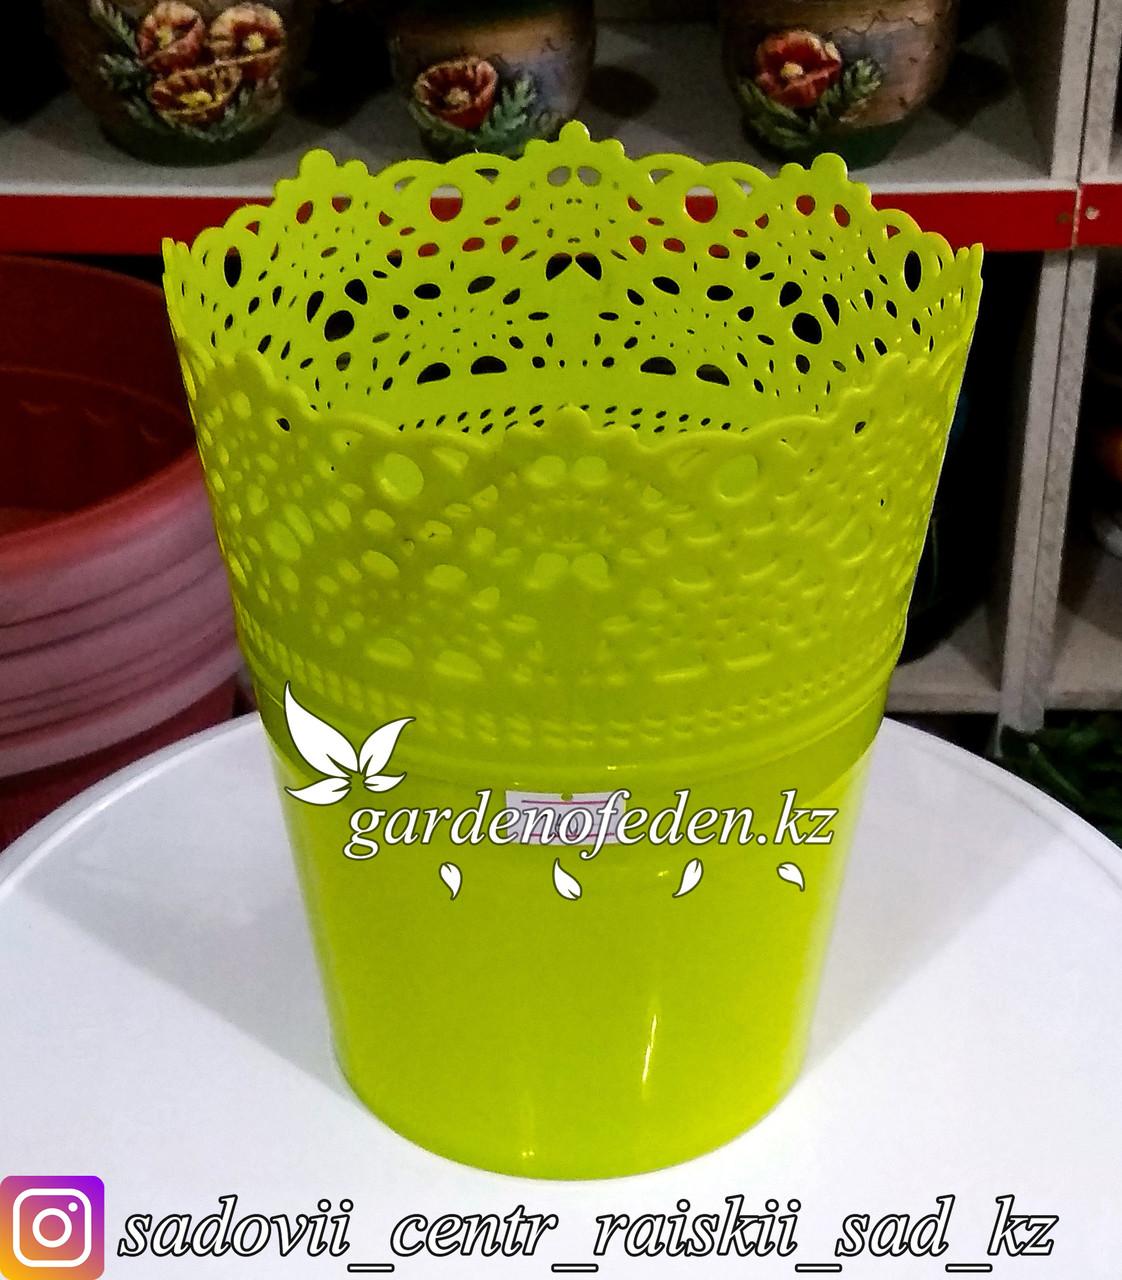 """Пластиковое кашпо """"Ажур"""". Цвет: Зеленый. Объем: 1.5л"""